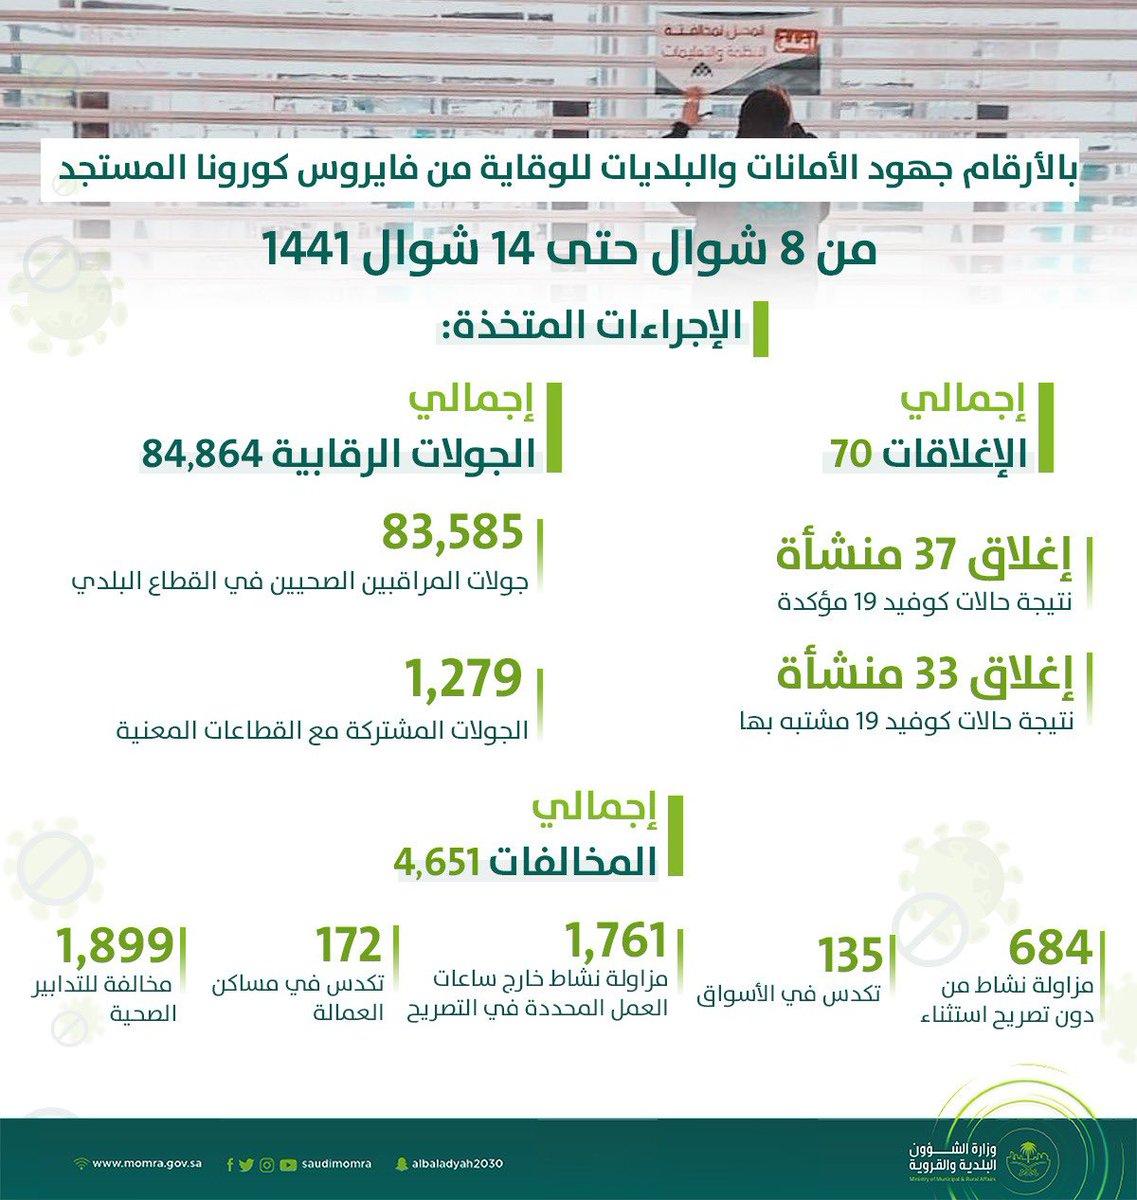 وزارة الشؤون البلدية والقروية Saudimomra Twitter